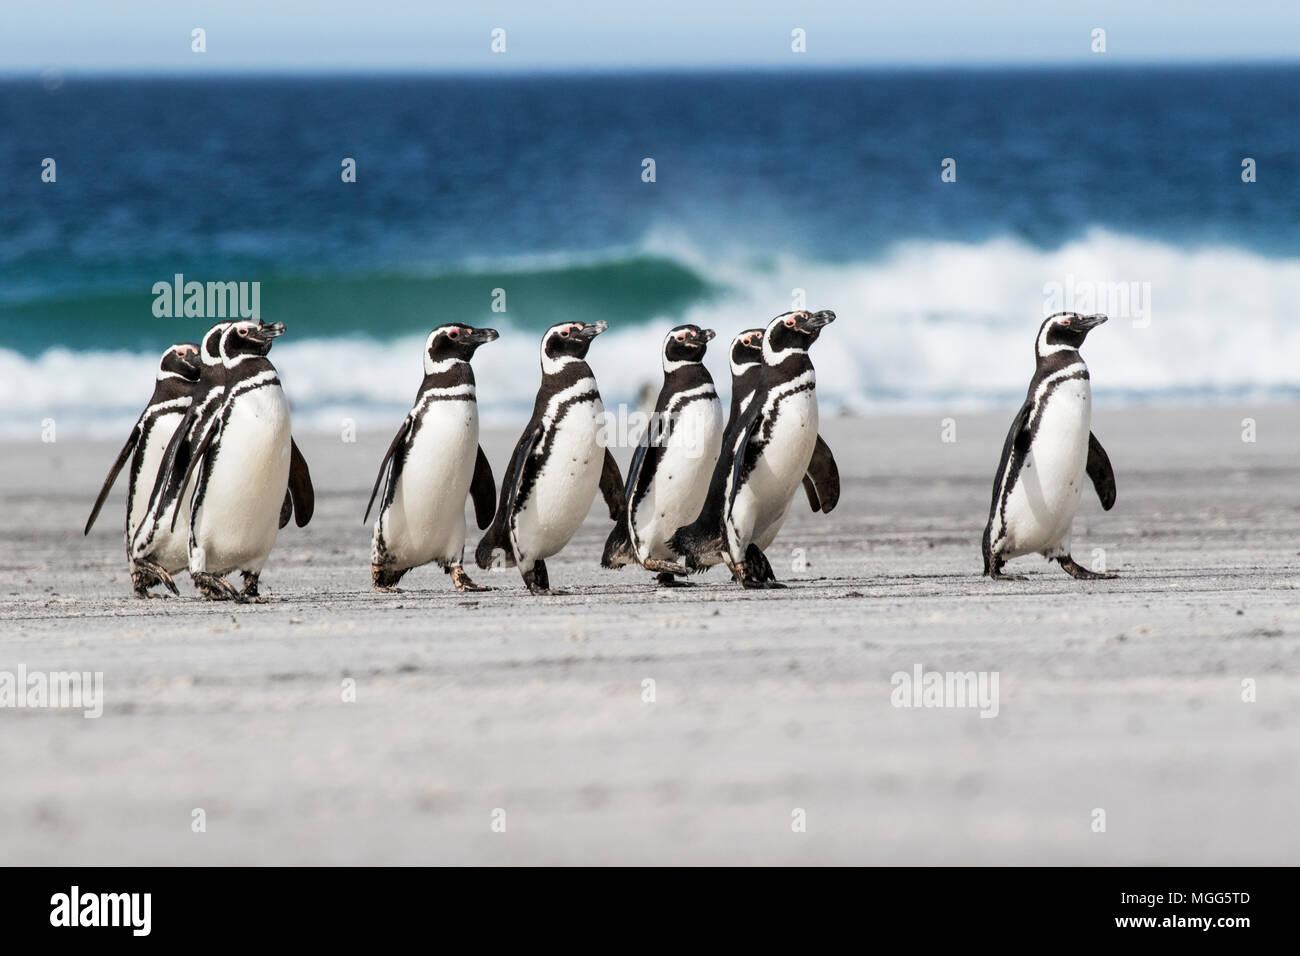 Spheniscus magellanicus Magellanic penguin Gruppe der Erwachsenen zu Fuß am Strand und in der Nähe der Kolonie, Saunders Island, Falkland Inseln Stockfoto